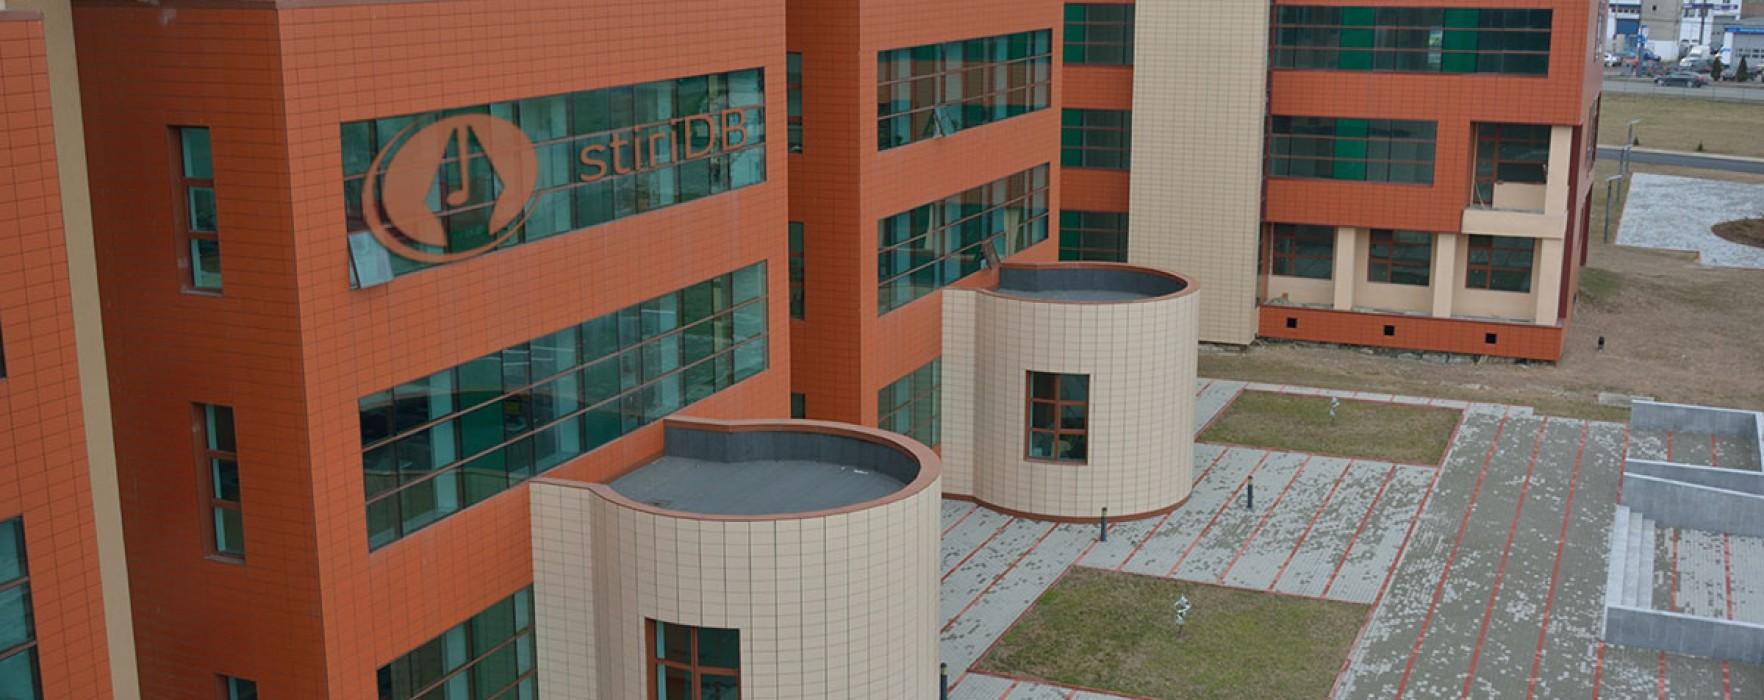 Inaugurarea primelor spaţii de învăţământ din campusul Universităţii Valahia Târgovişte (foto)